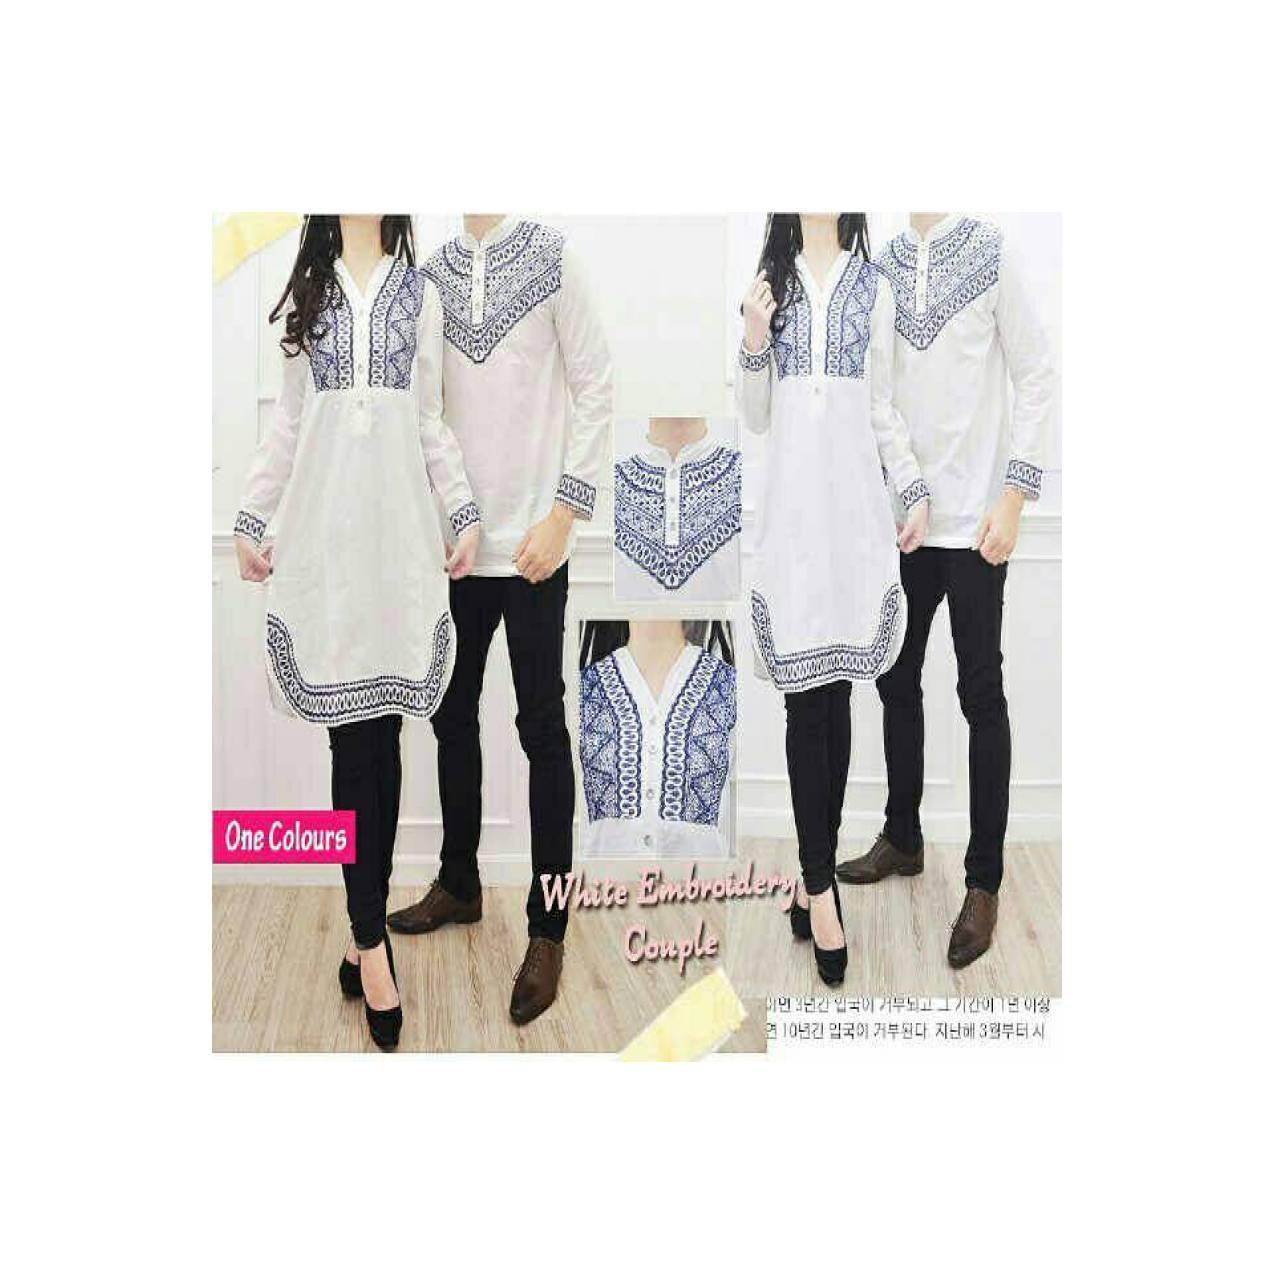 Spesial couple white embrodery dress + koko tasmatas lengan panjang